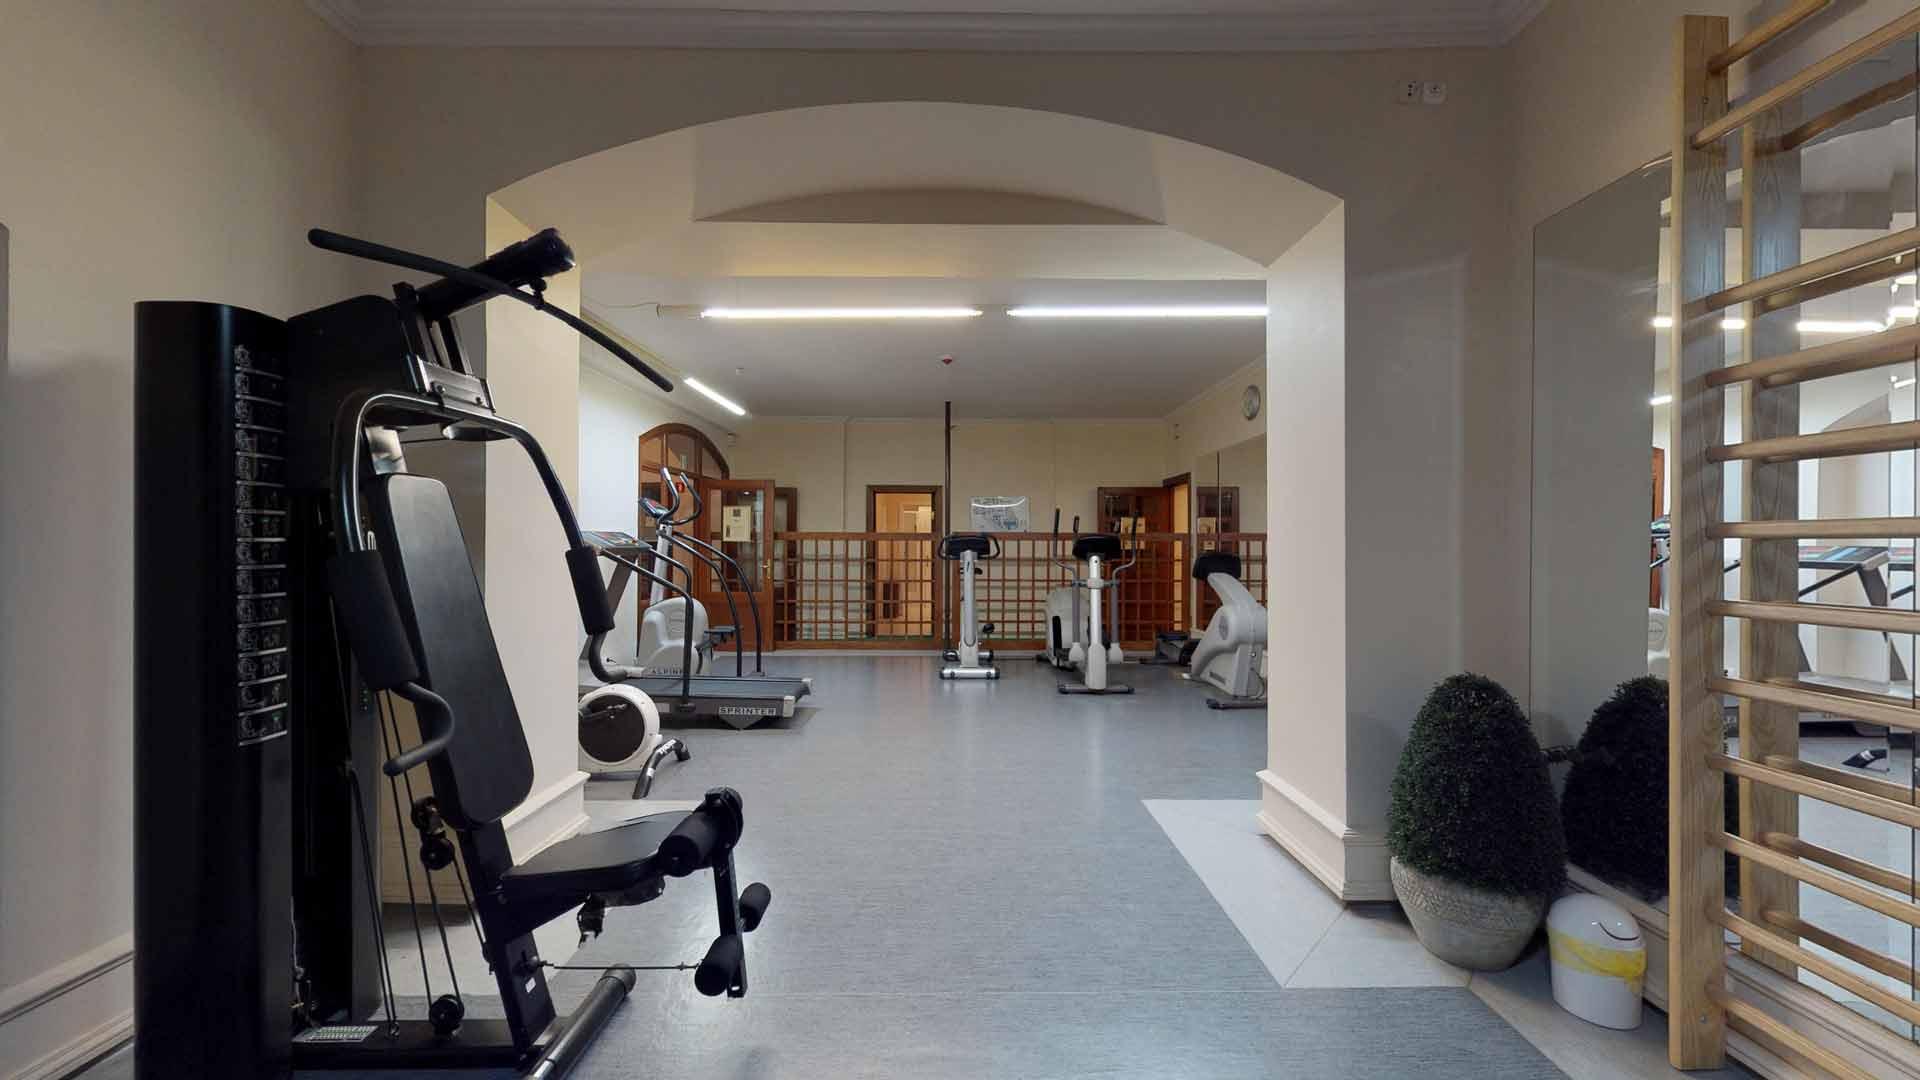 Maszyny w siłowni i strefie fitness w hotelu nad morzem - Bursztynowy Pałac